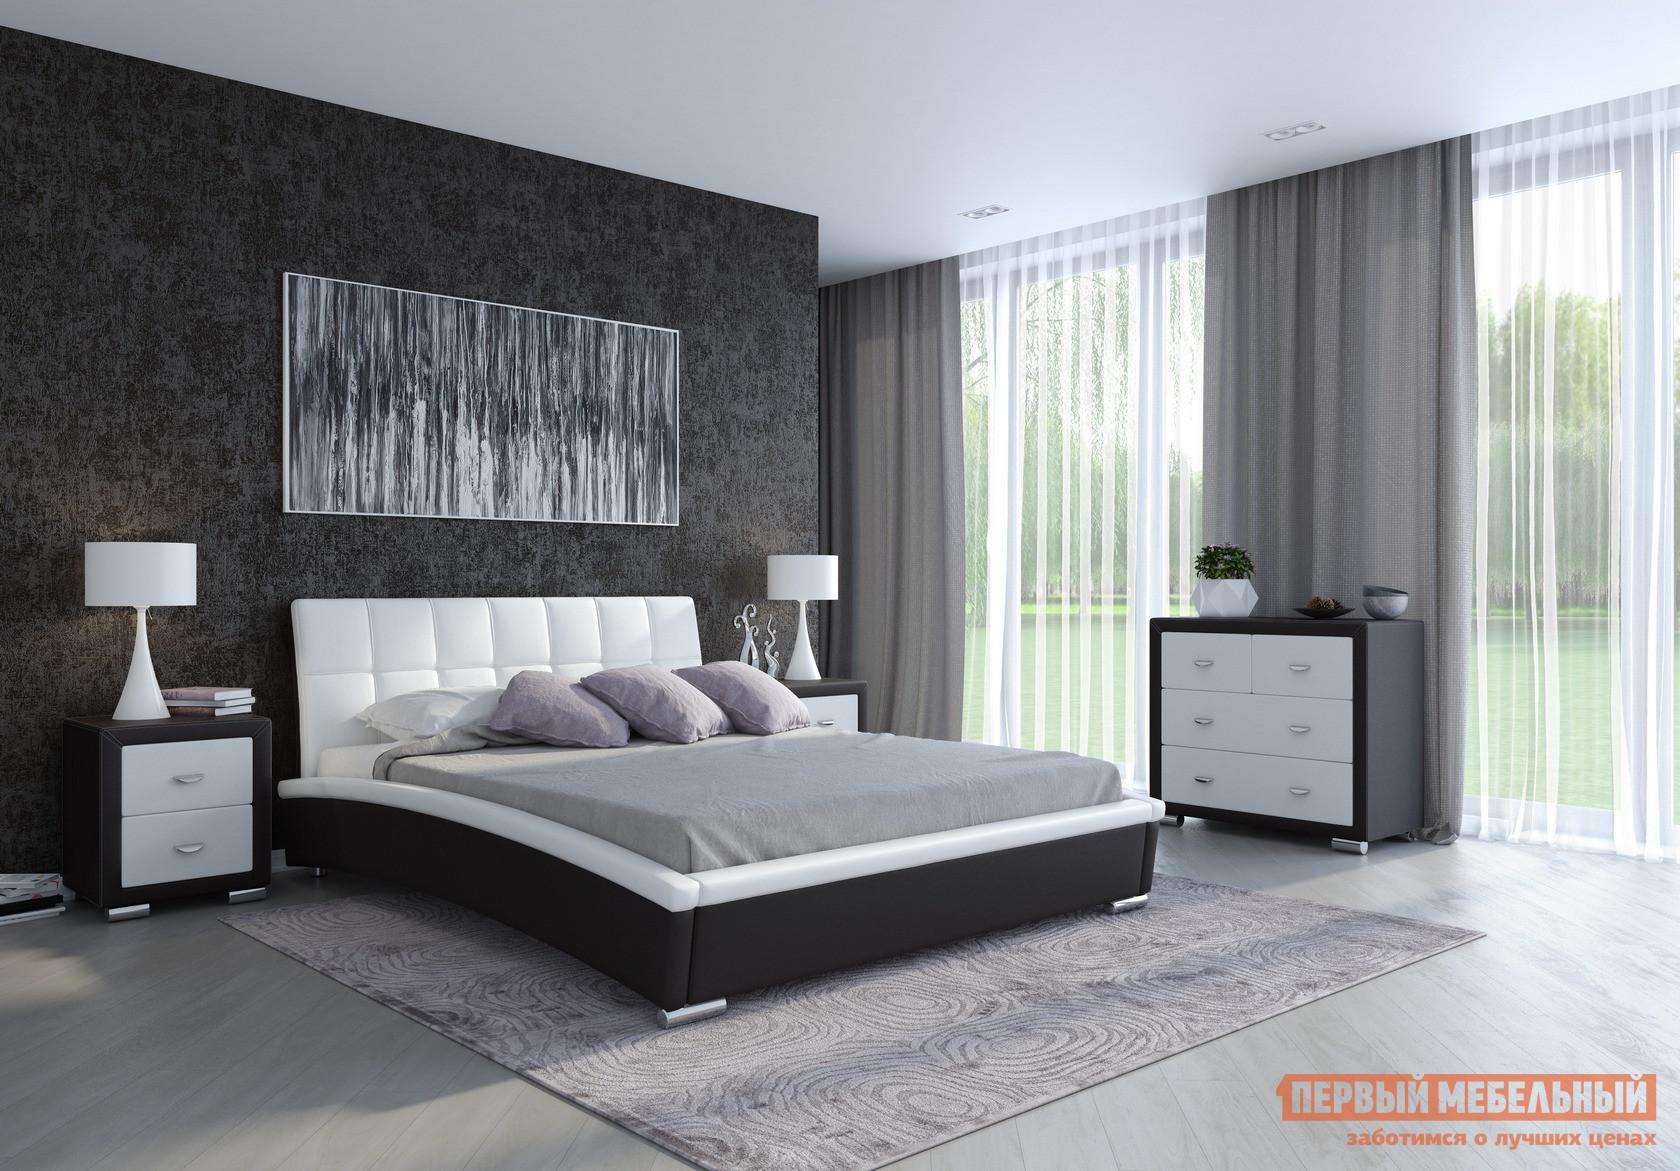 Спальный гарнитур Орматек Корсо К1 спальный гарнитур мебельсон виктория 1 к1